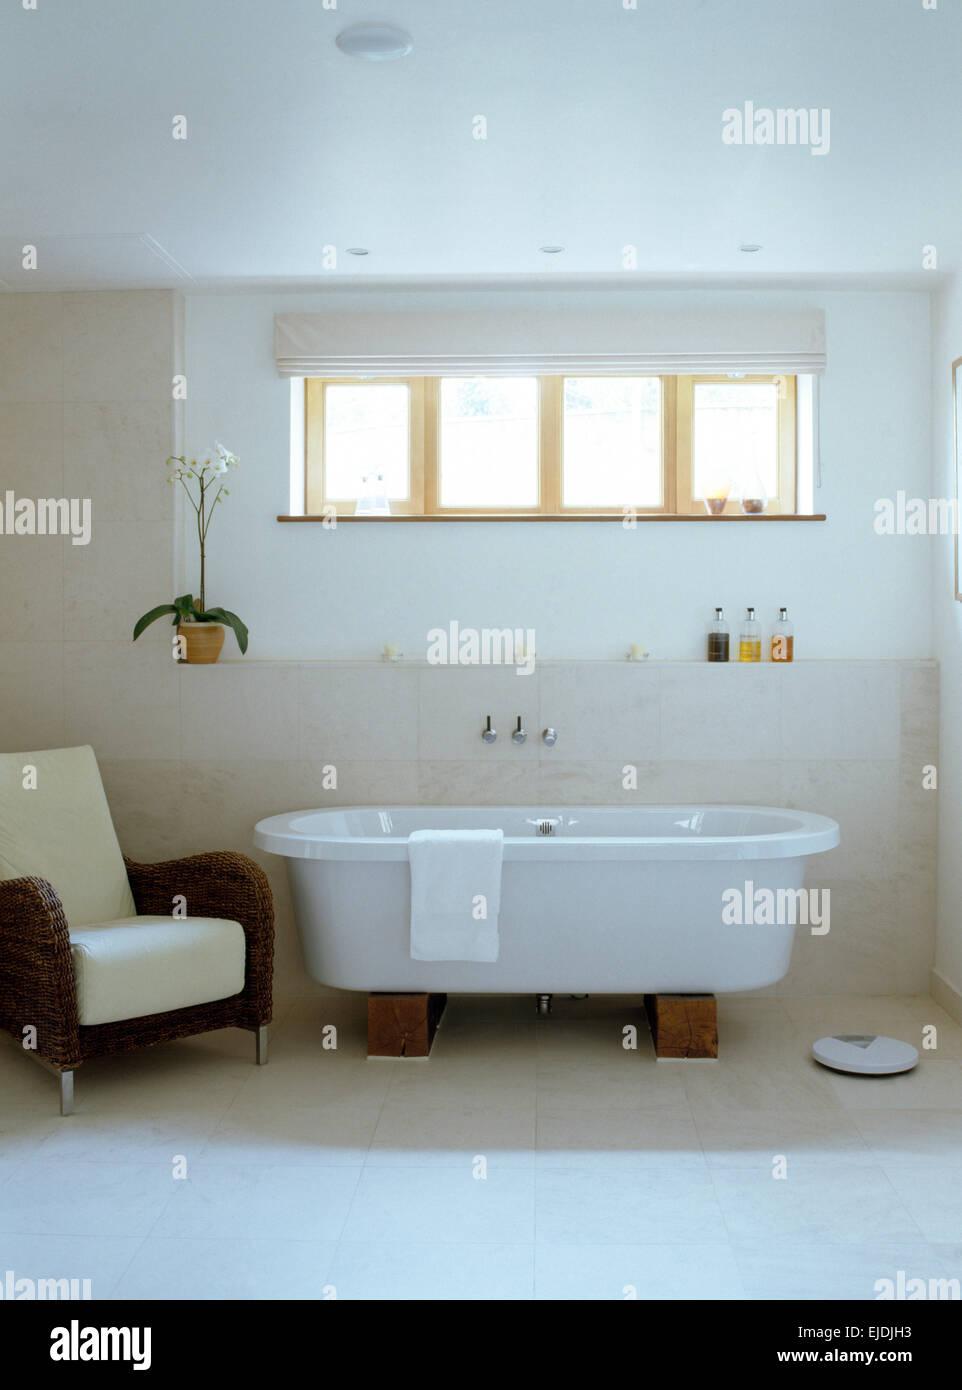 Baignoire moderne en blanc salle de bains contemporaine avec un ...